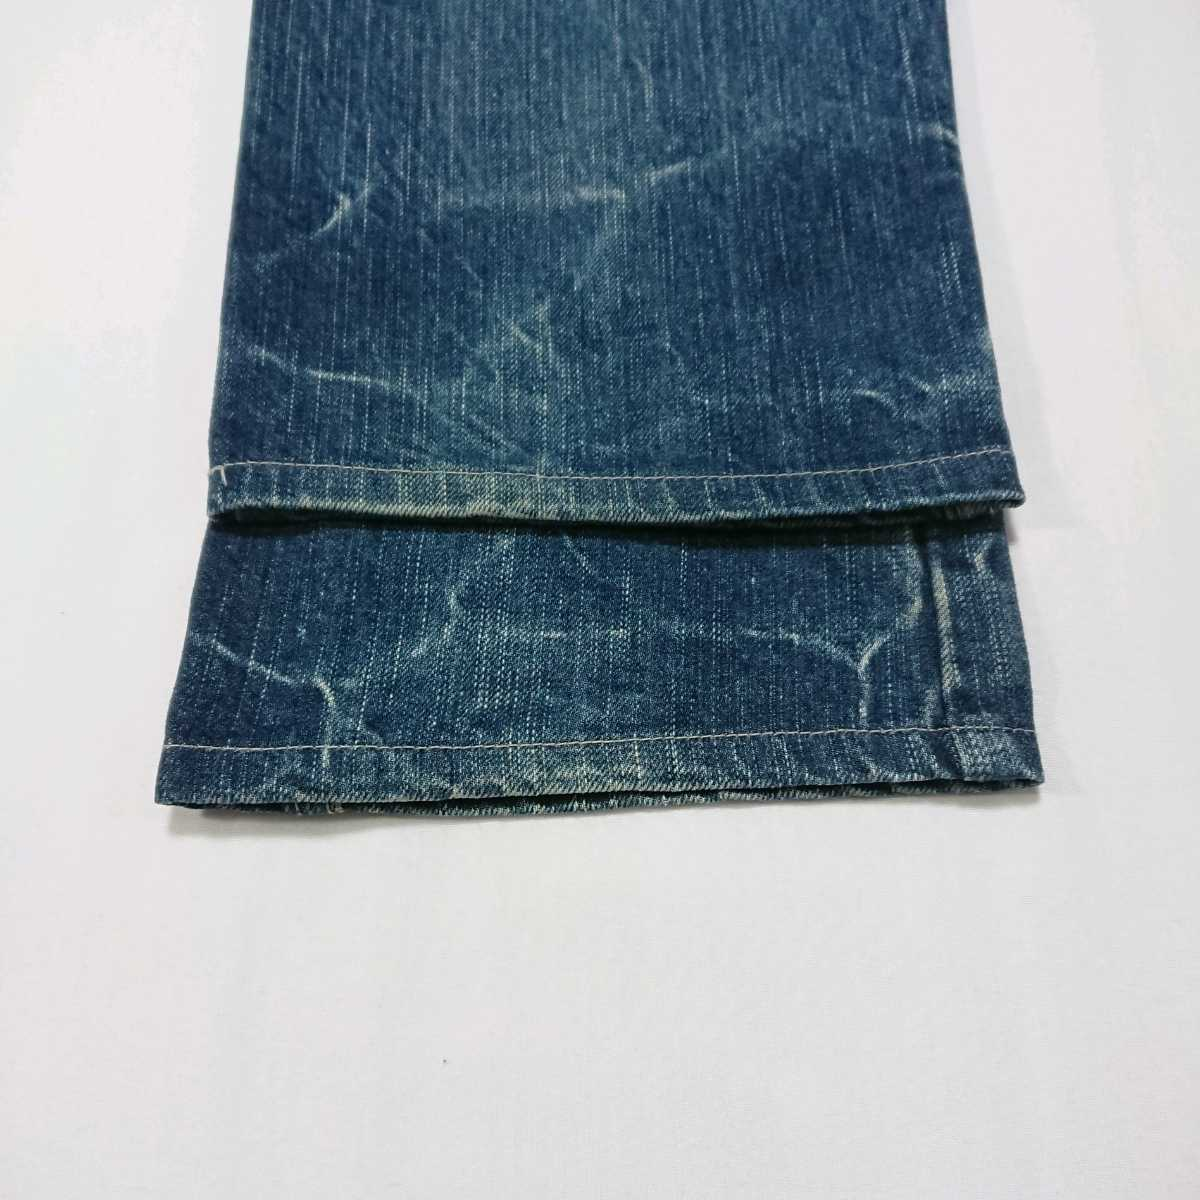 Johnbull 11101 ワンサイデッド デニム カーゴパンツ ジーンズ ジーパン ボタンフライ ダメージ 日本製 ジョンブル 紺 サイズS 送料無料